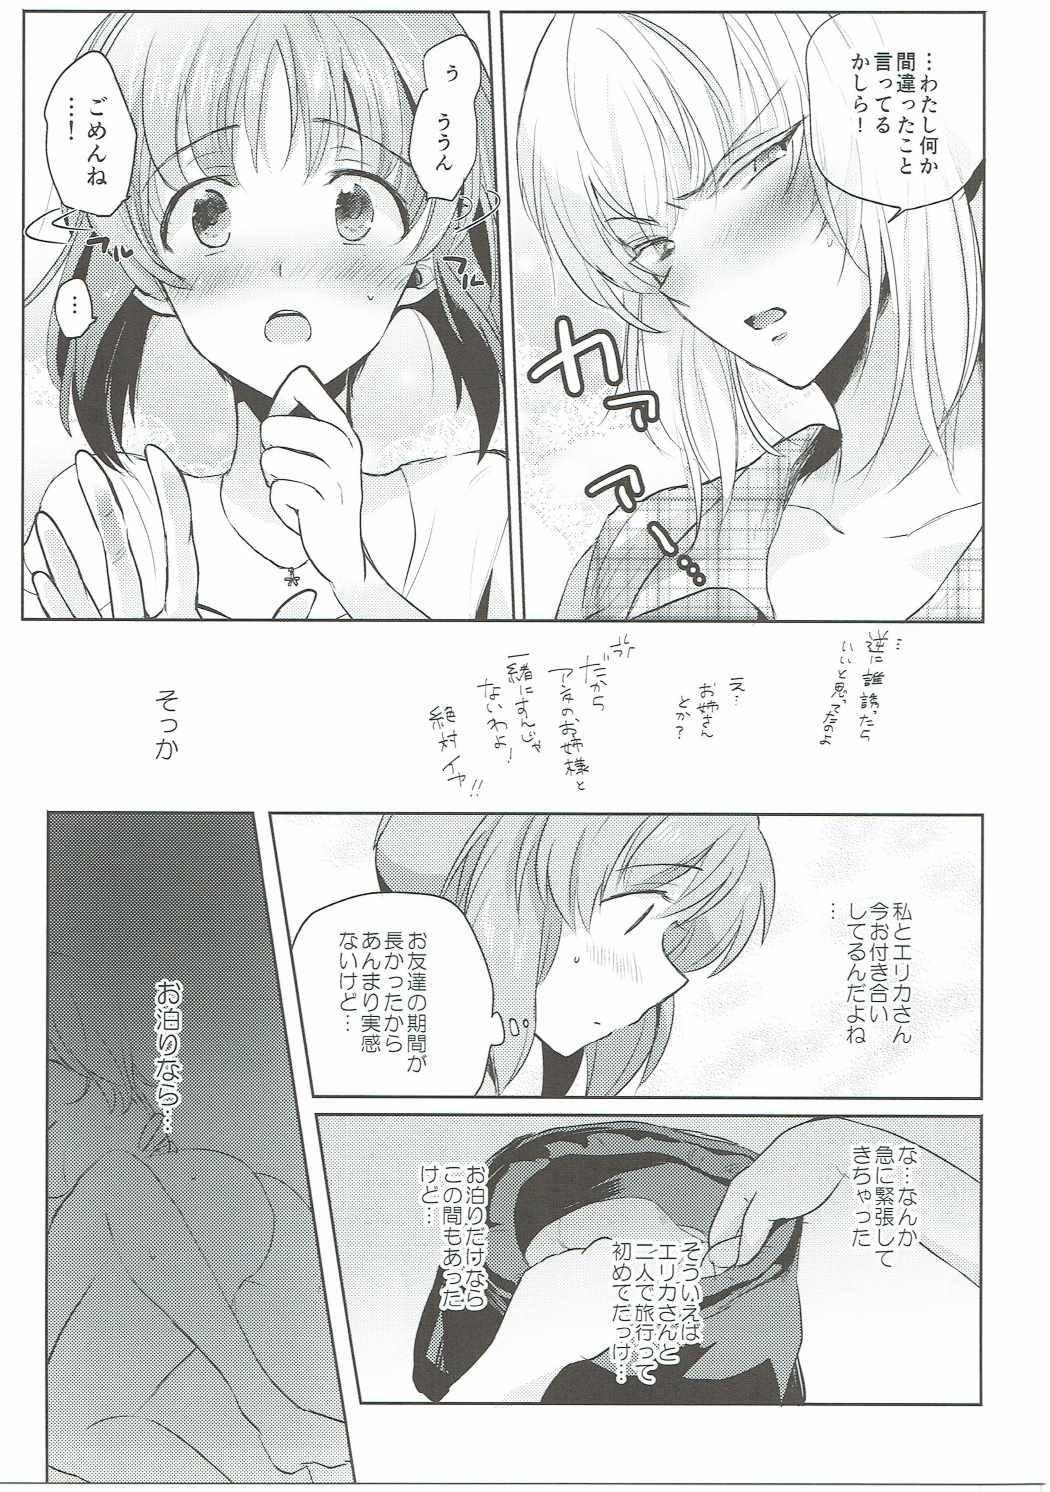 Futarikiri no Natsu 5